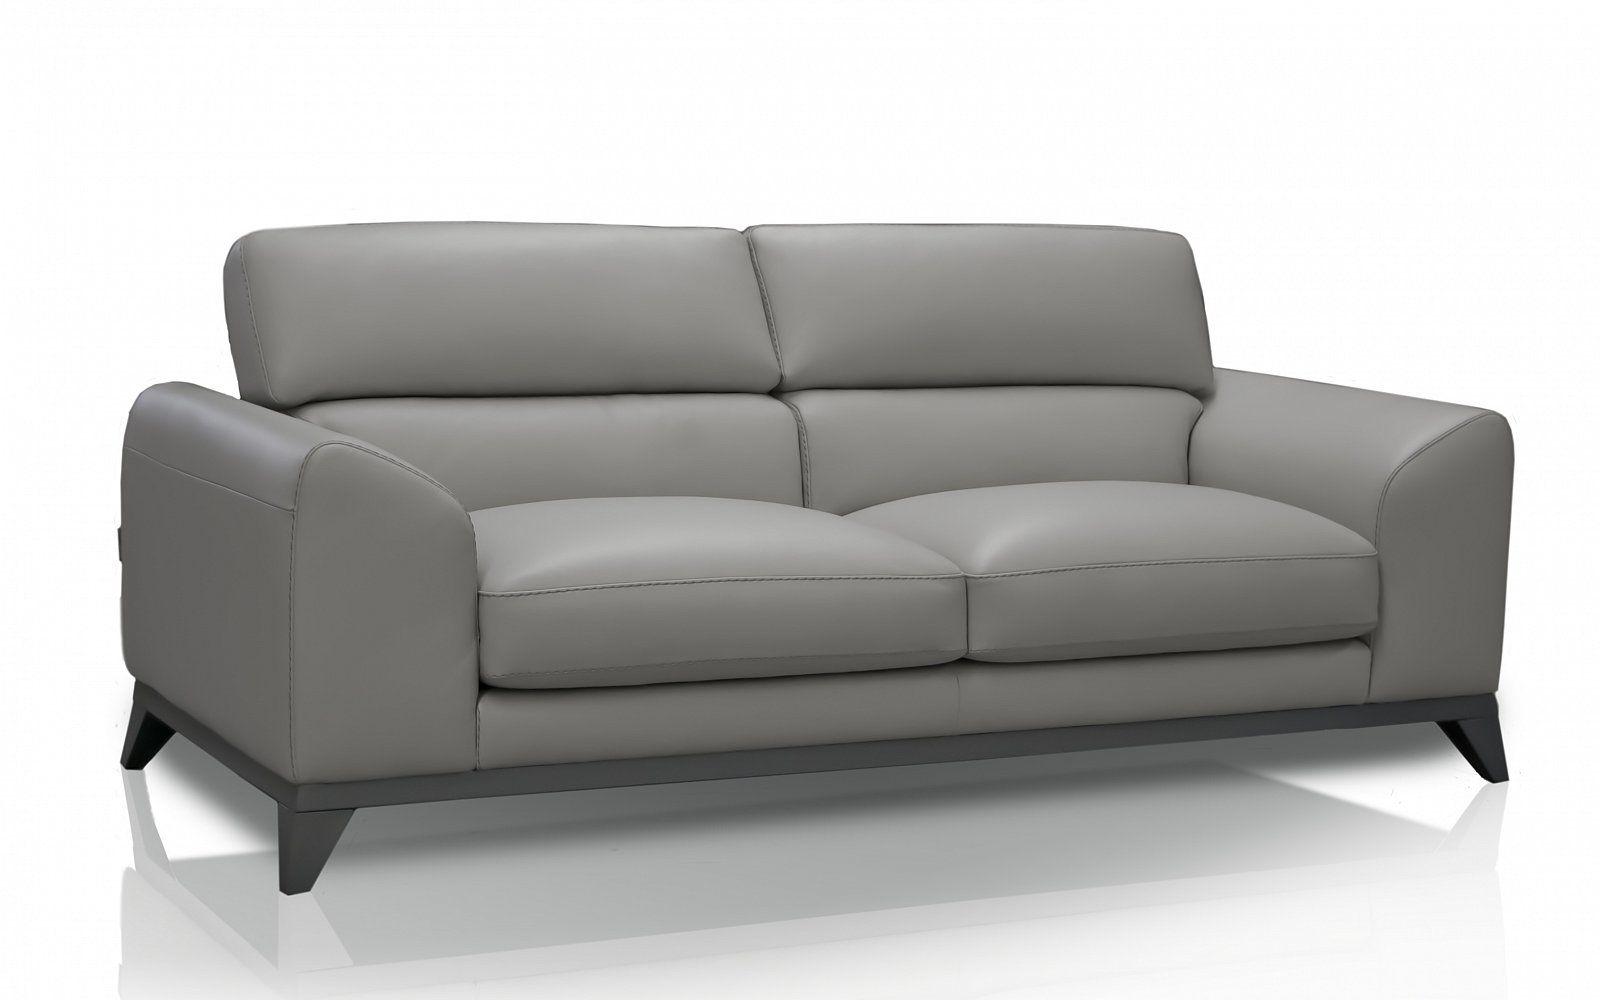 divano in pelle grigio due posti - Cerca con Google | divano ...